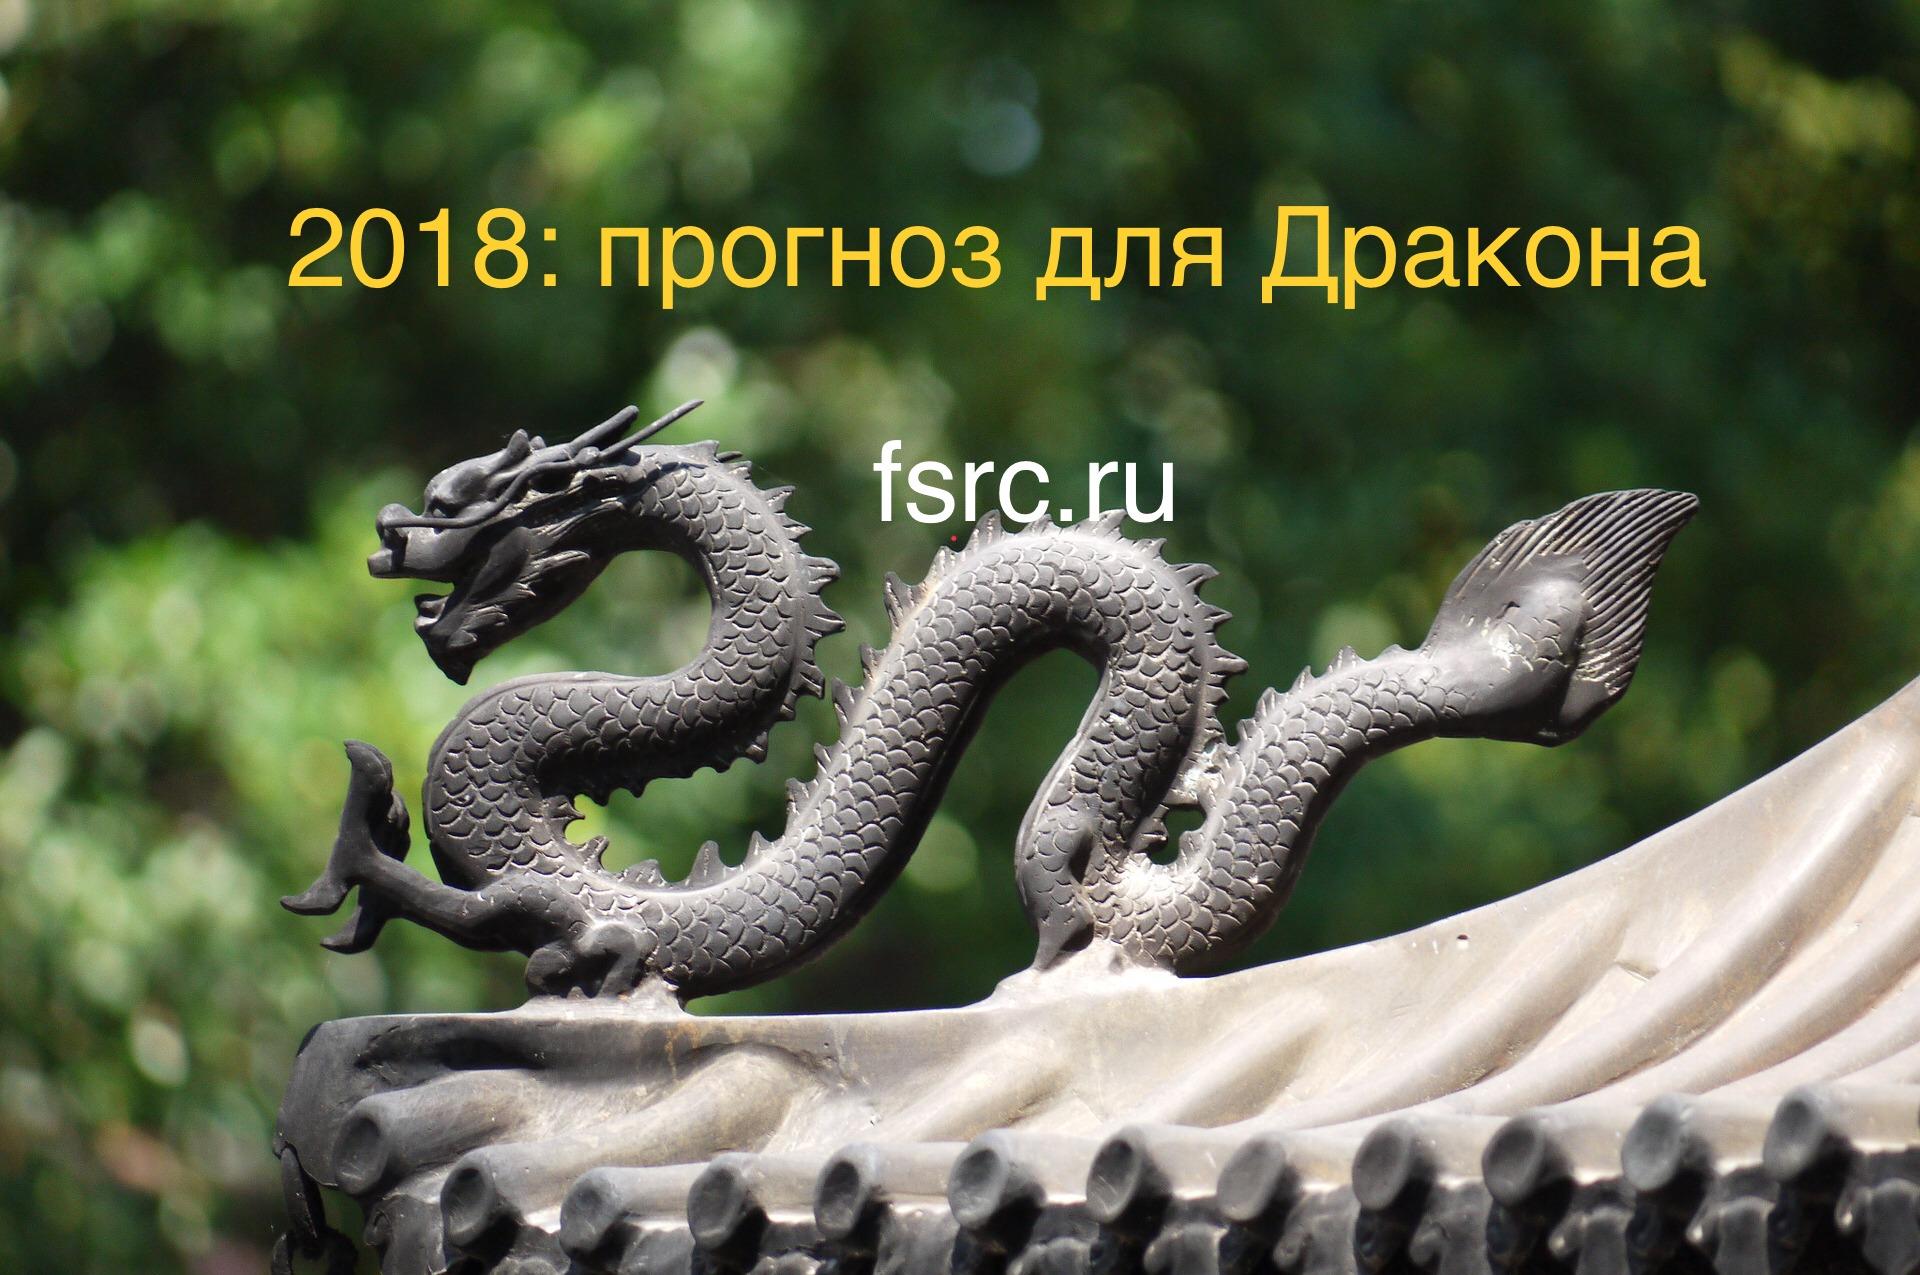 2018 Прогноз для Дракона - Fengshuimaster.ru